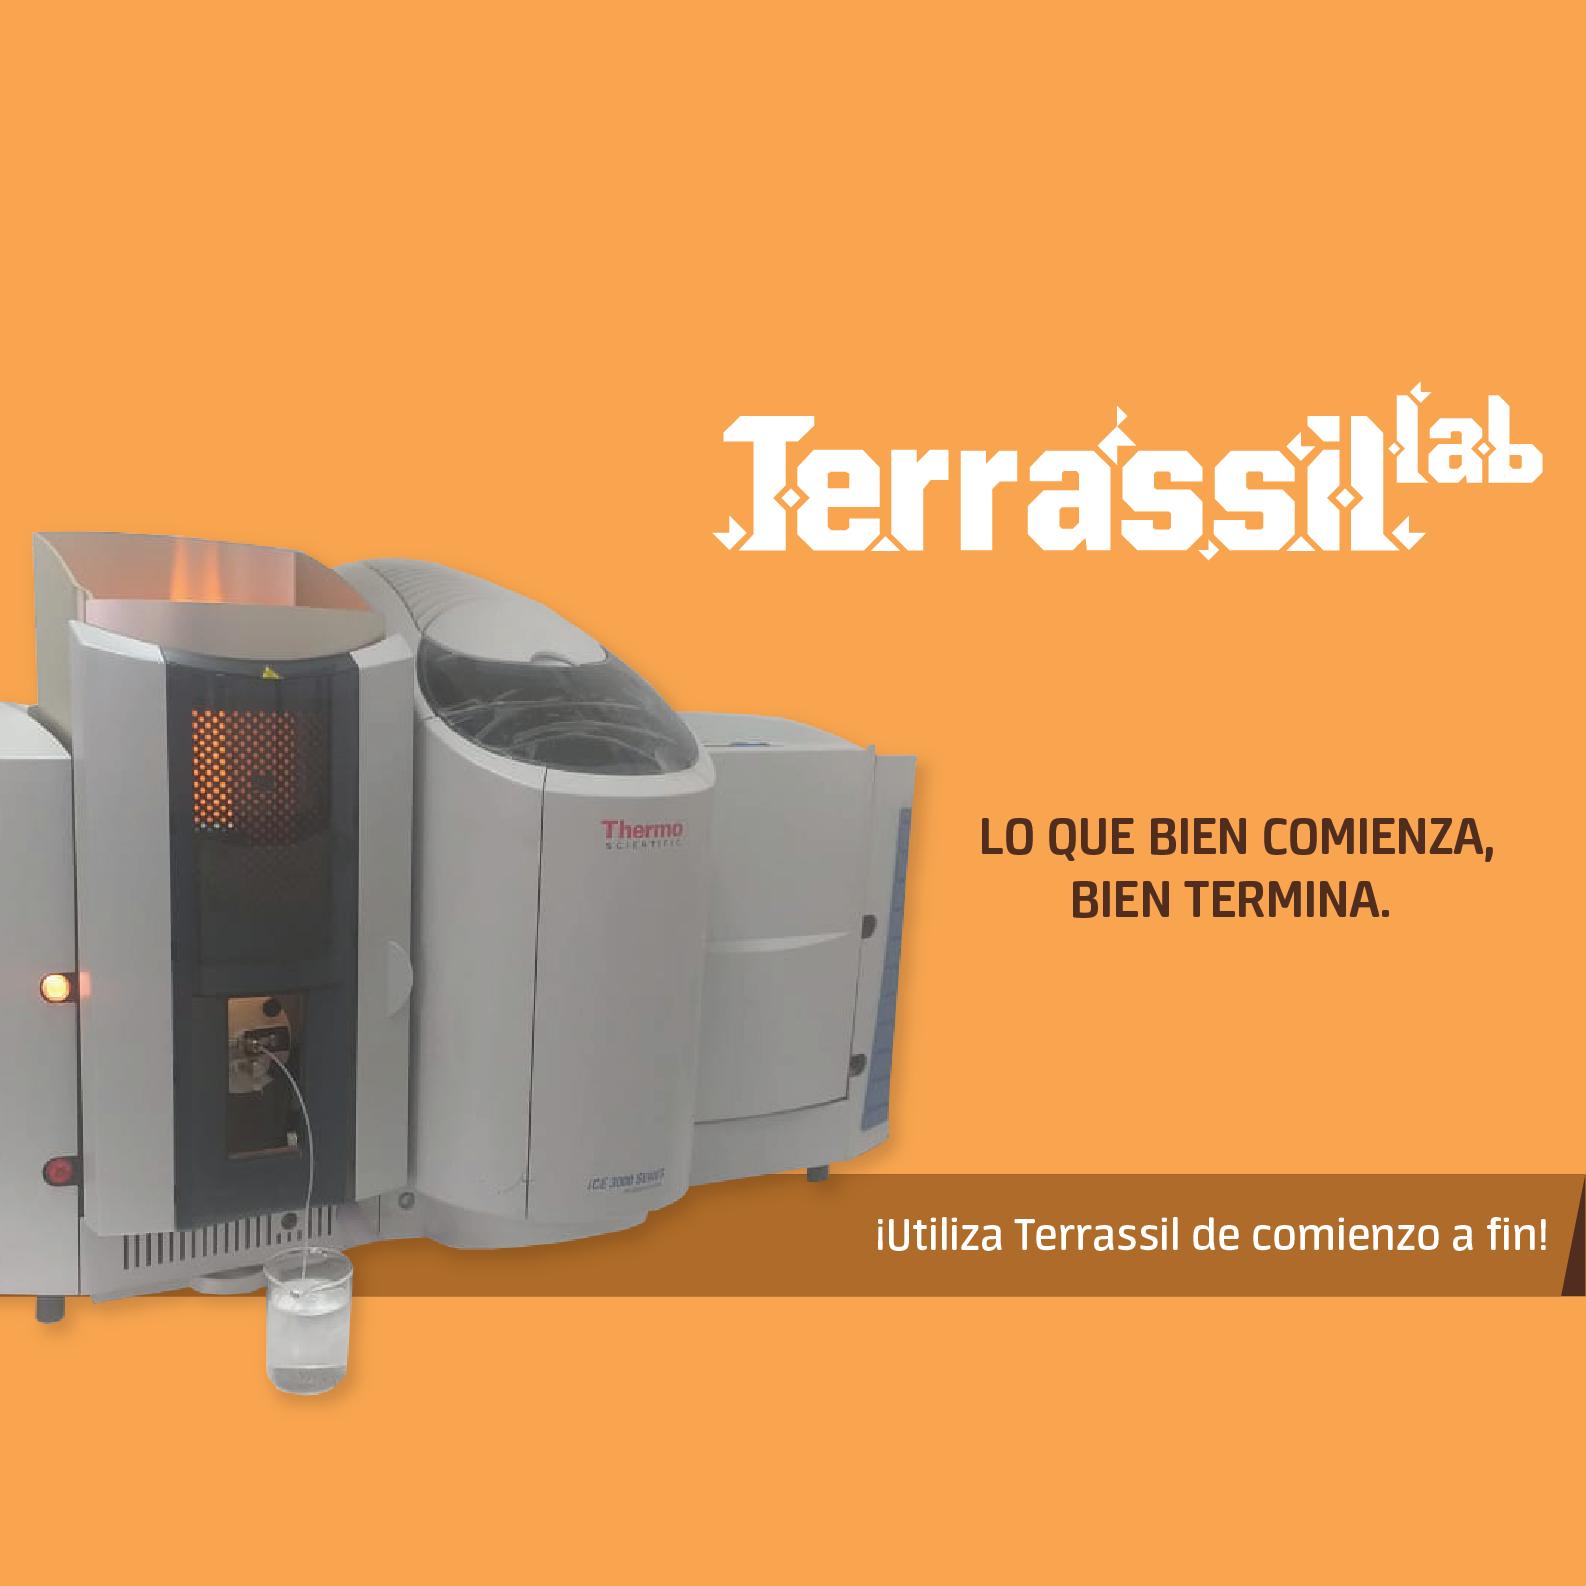 TERRASSIL-LAB-SLOGAN.png